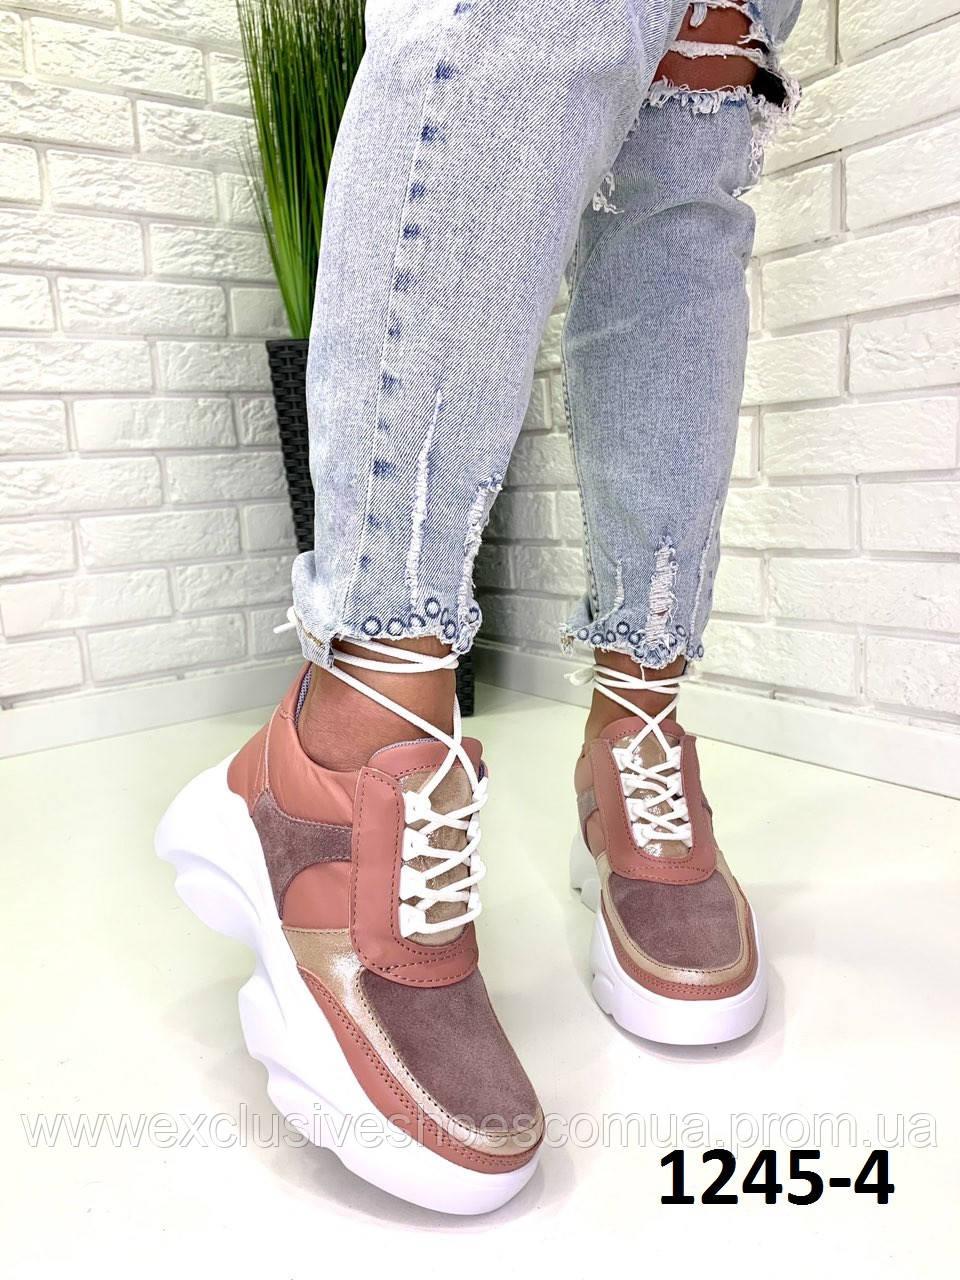 Кросівки жіночі замшеві пудрові на платформі